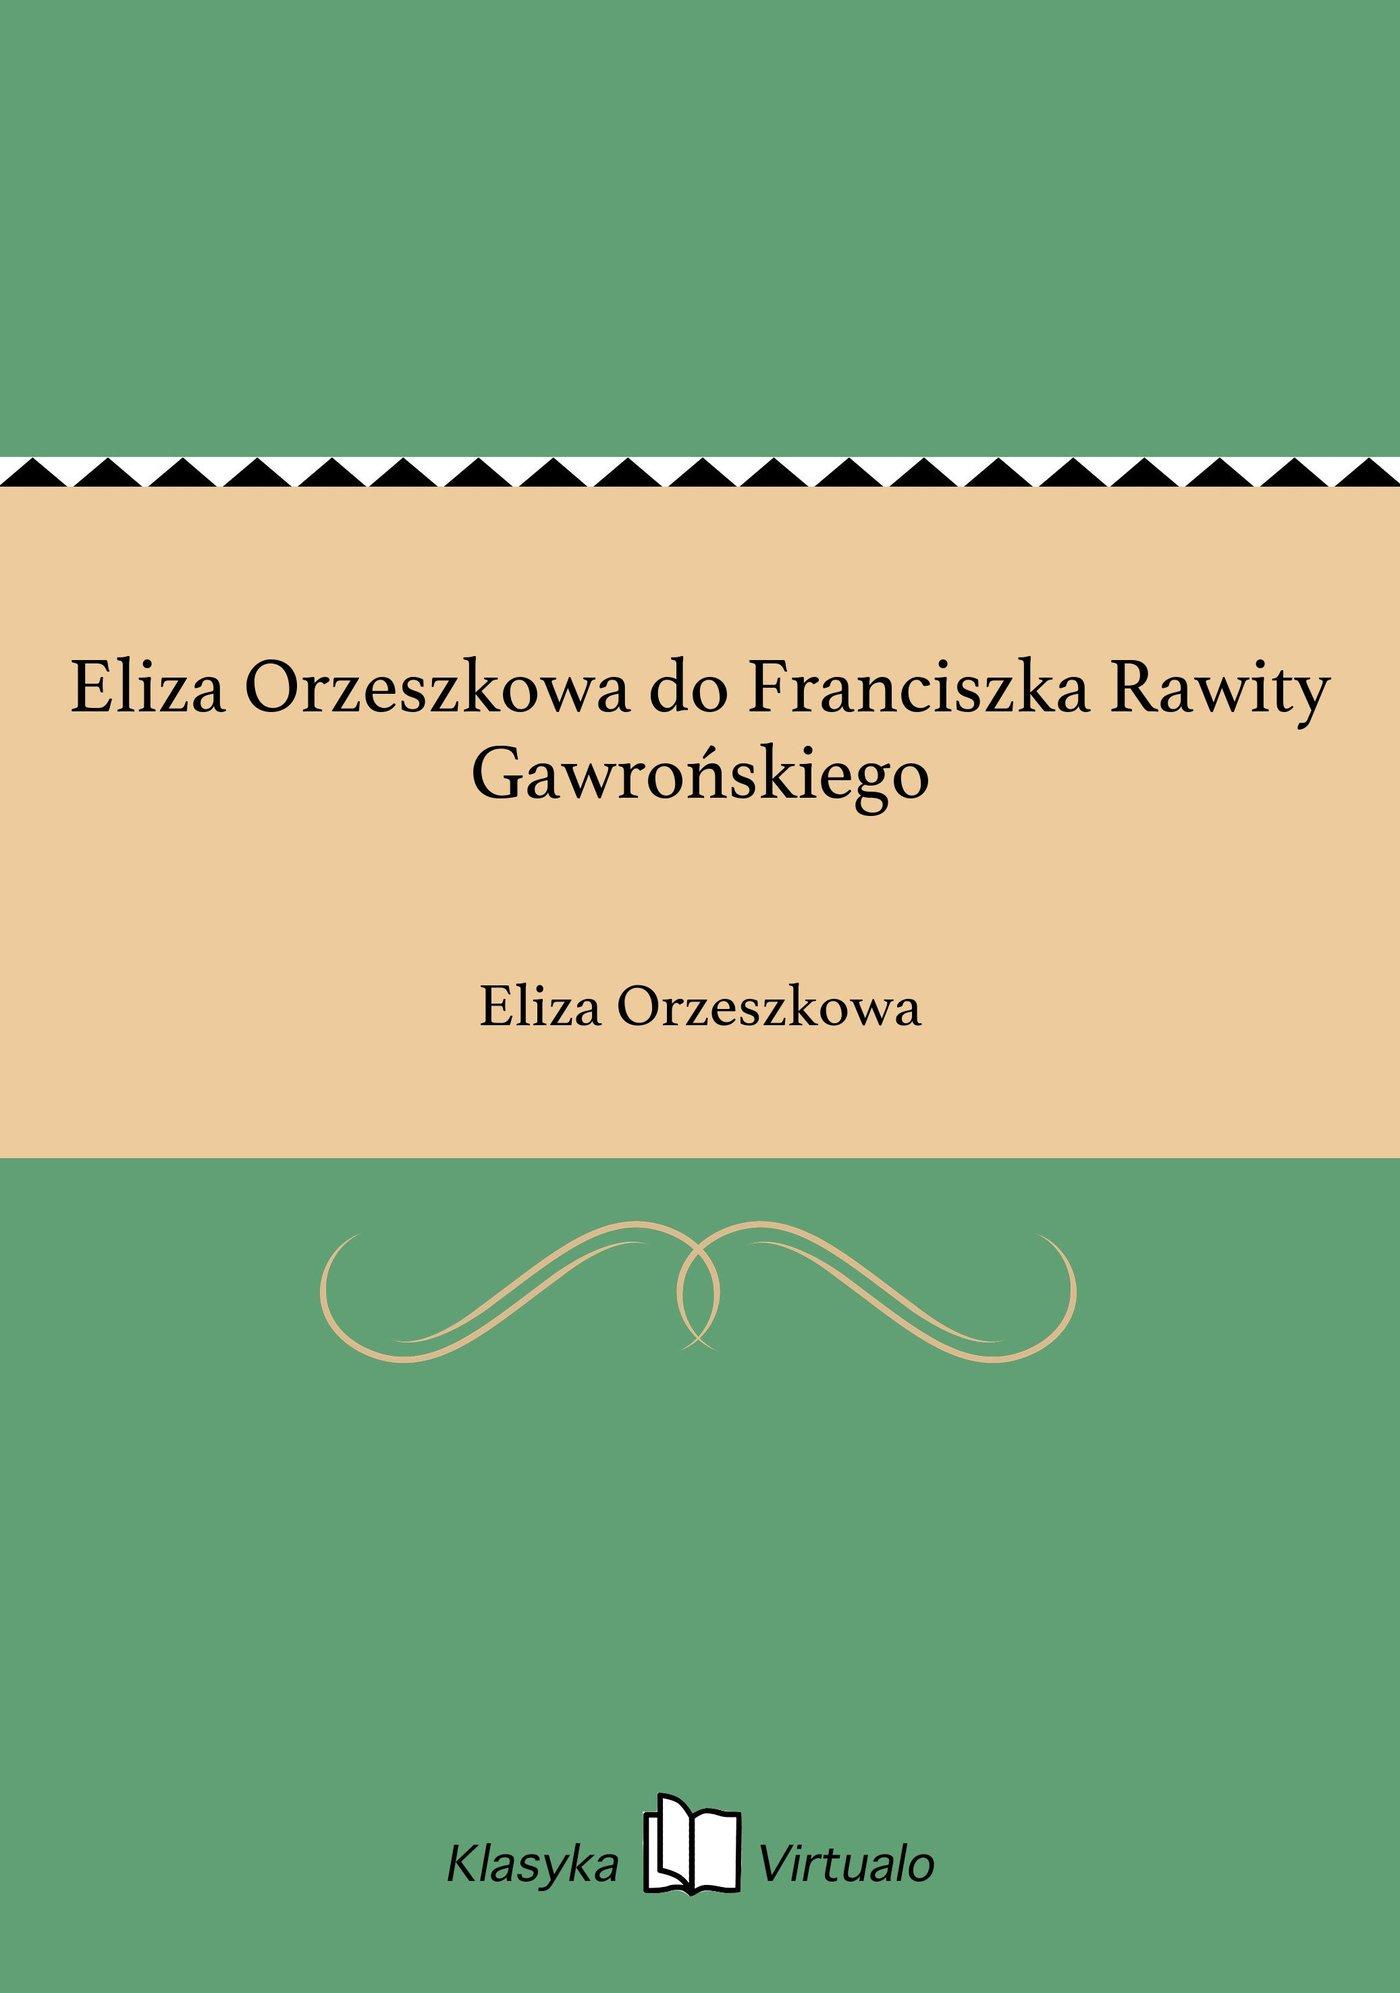 Eliza Orzeszkowa do Franciszka Rawity Gawrońskiego - Ebook (Książka EPUB) do pobrania w formacie EPUB